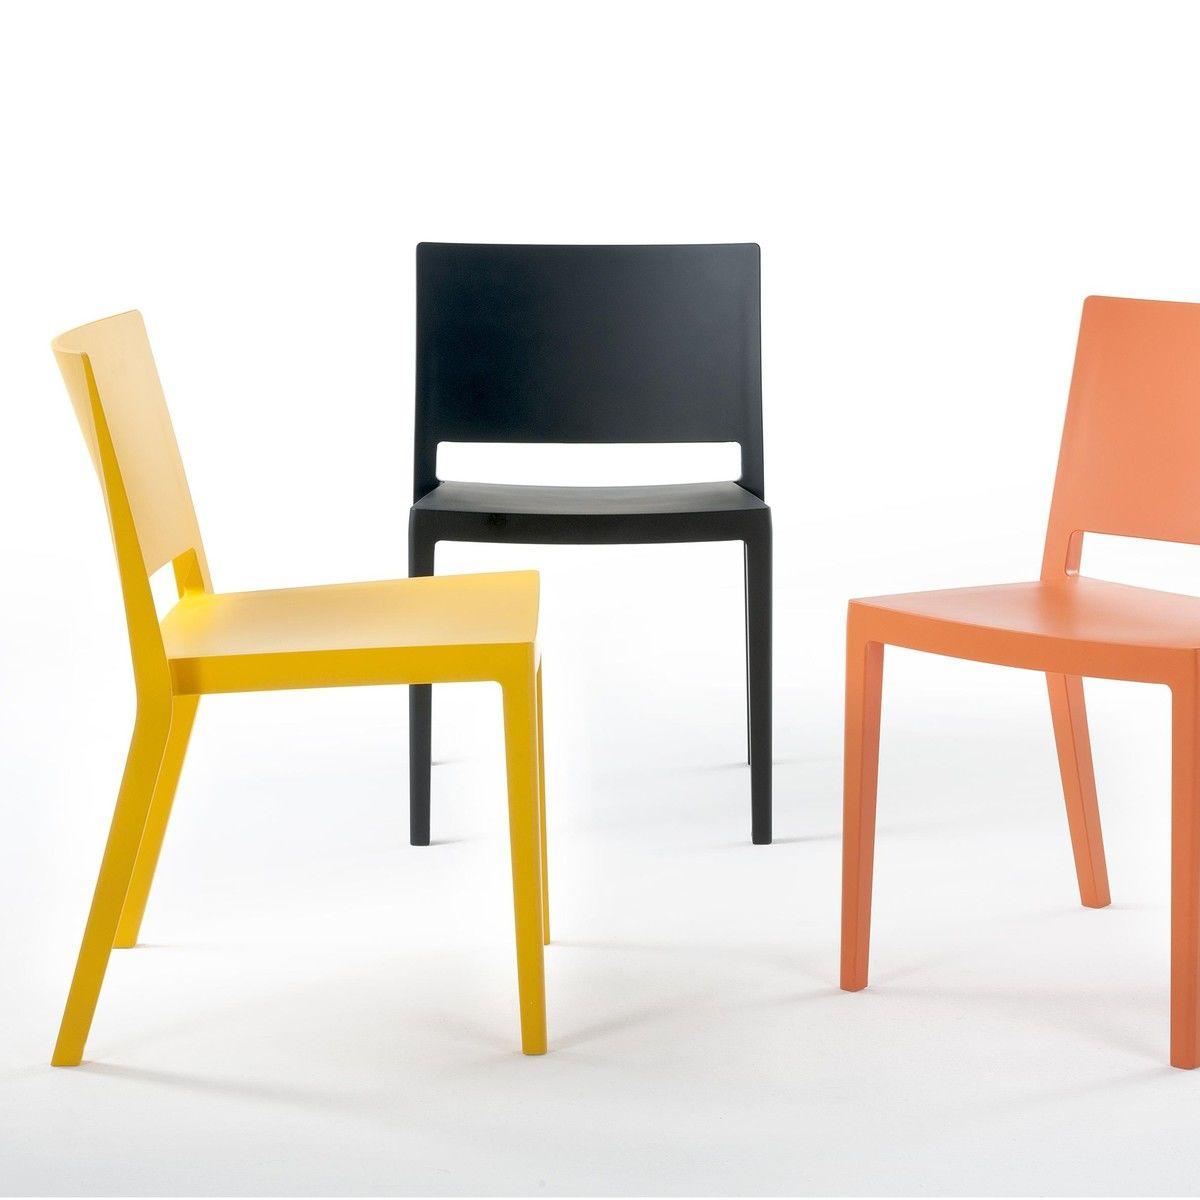 Chaises soldes design decoration chaises design en for Meuble chaise design soldes